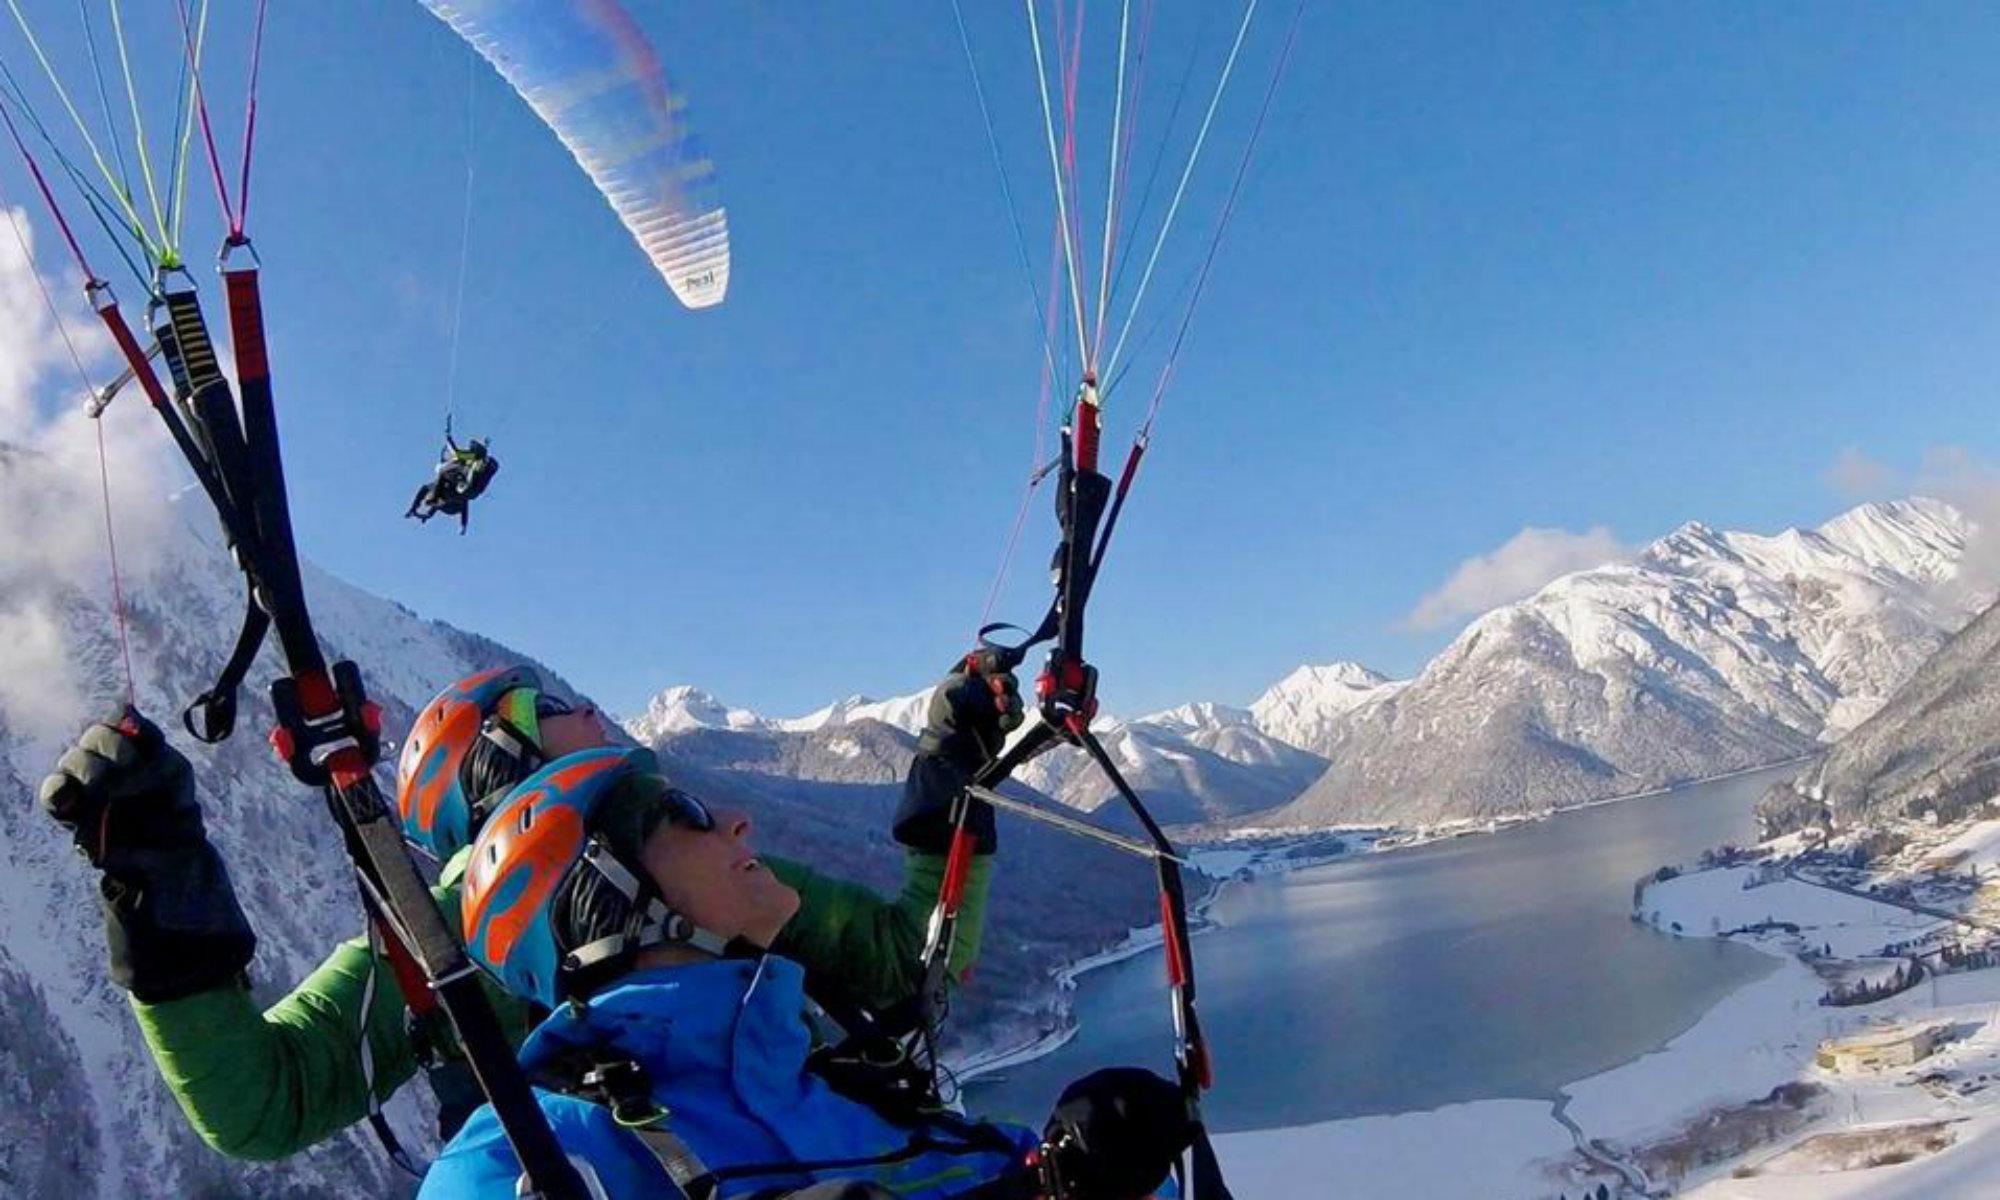 Zwei Paraglider über der Winterlandschaft des Achensees.